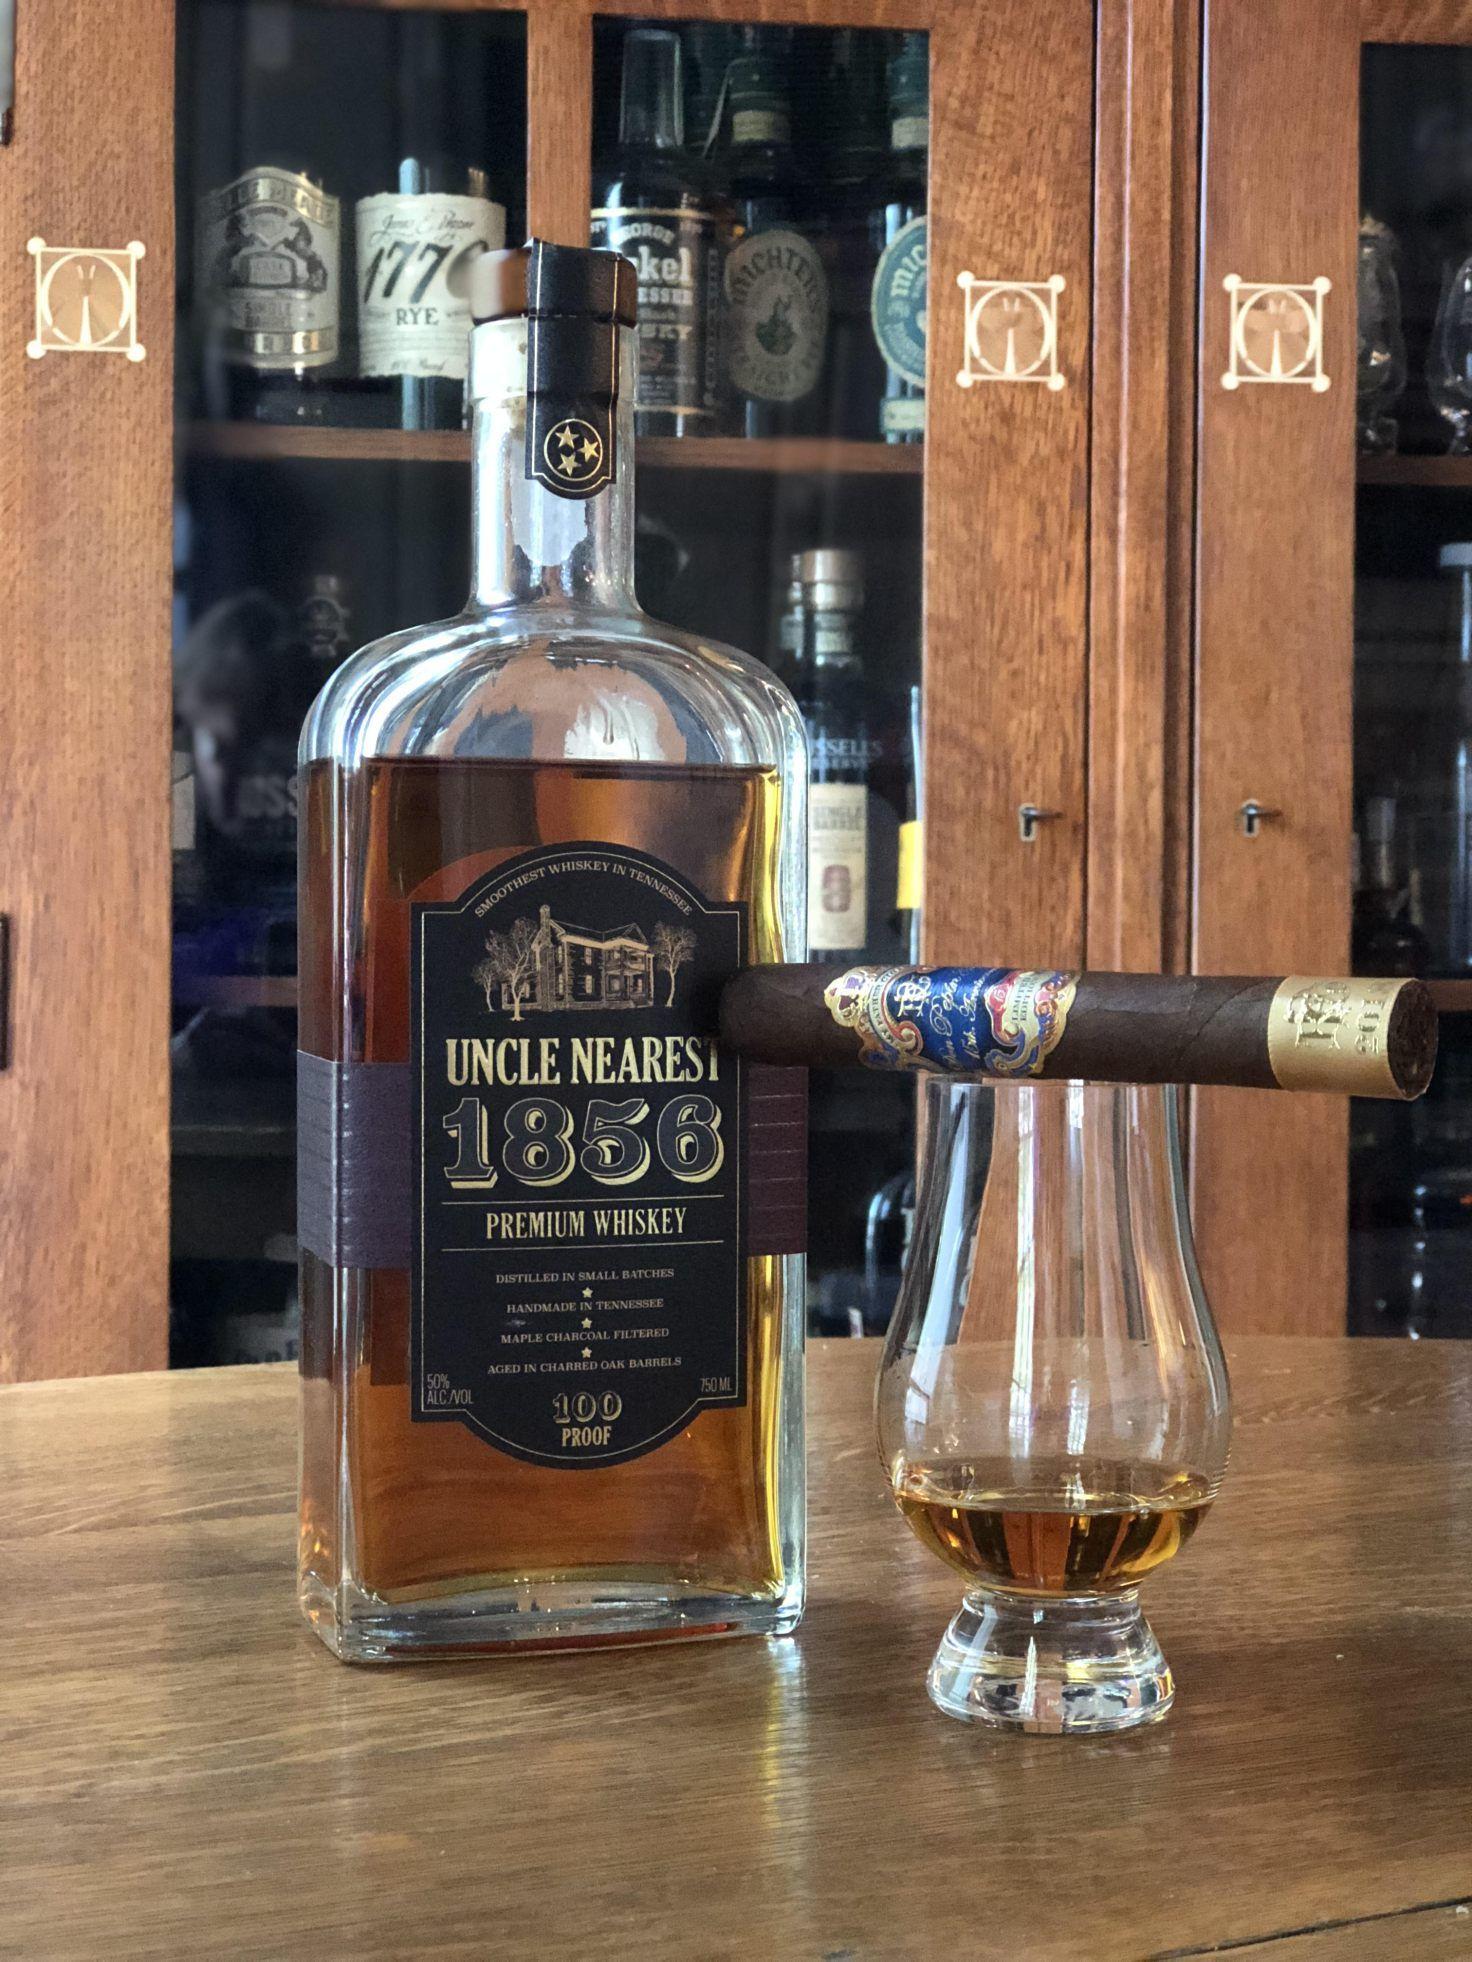 Uncle Nearest 1856 750 ml bottle 100 proof Jack Daniel/'s